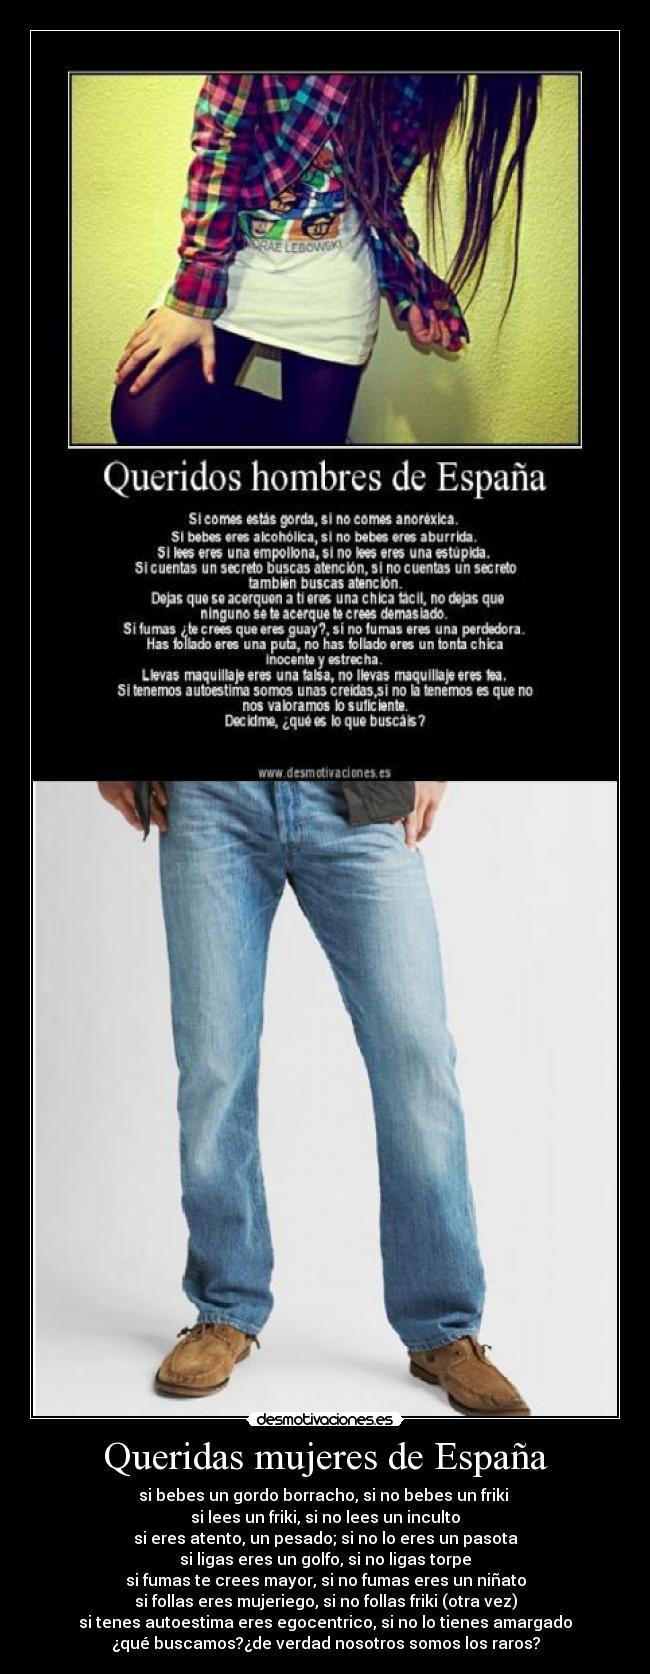 carteles espana mujeres desmotivaciones